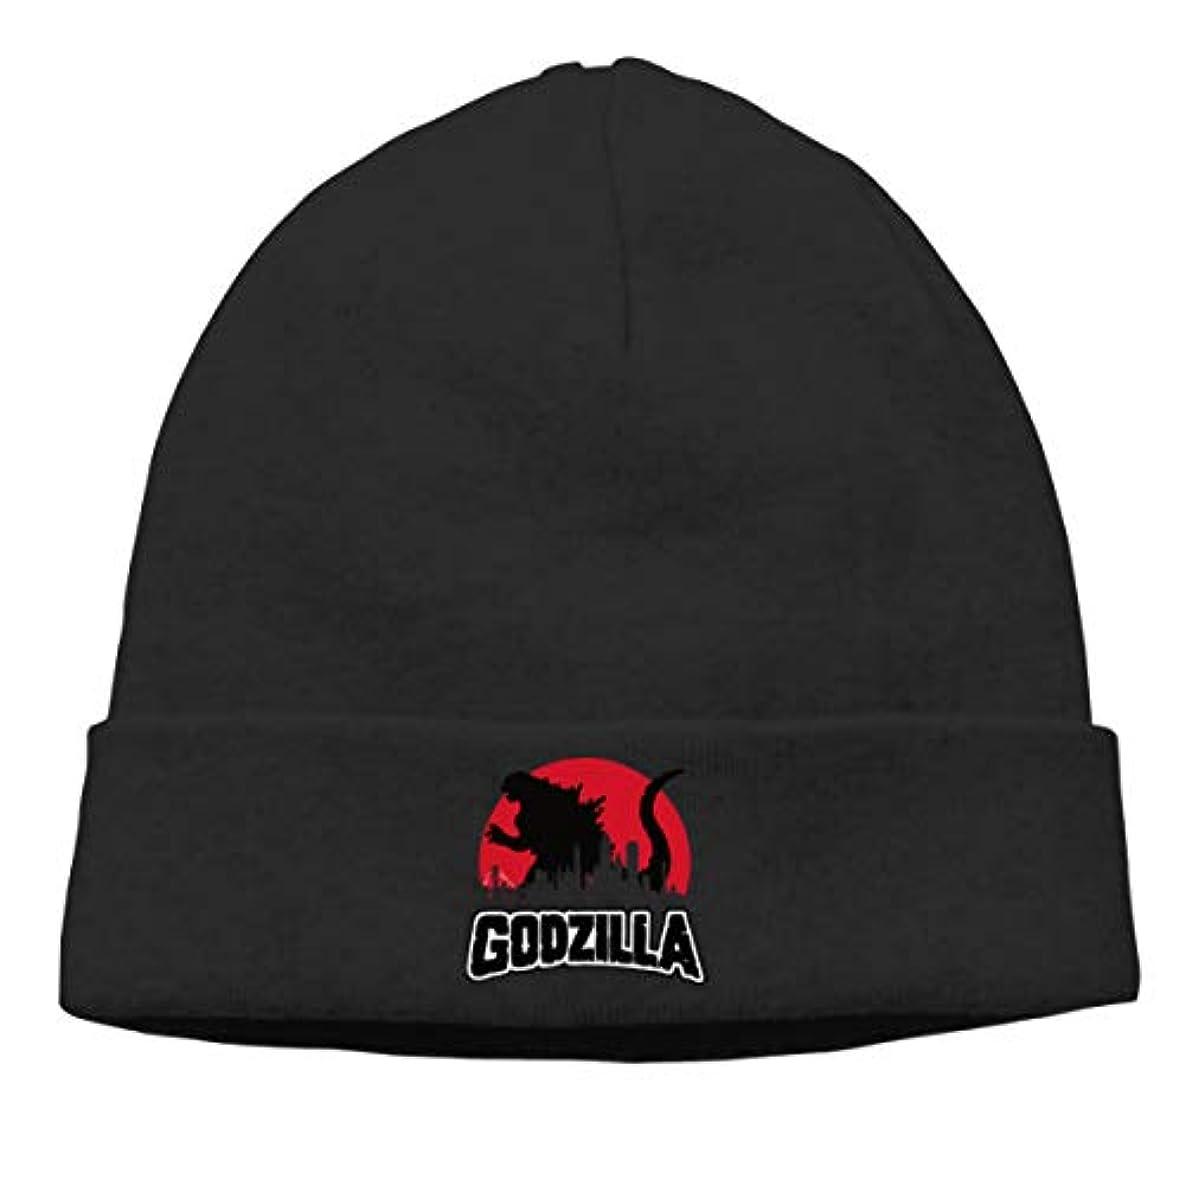 地中海流体私達ゴジラ Godzilla 未知の生き物 チ性抜群 通気性抜群 柔らかい 防風 無地 優れた弾力性 フェードしません 男性用と女性用のキャップ